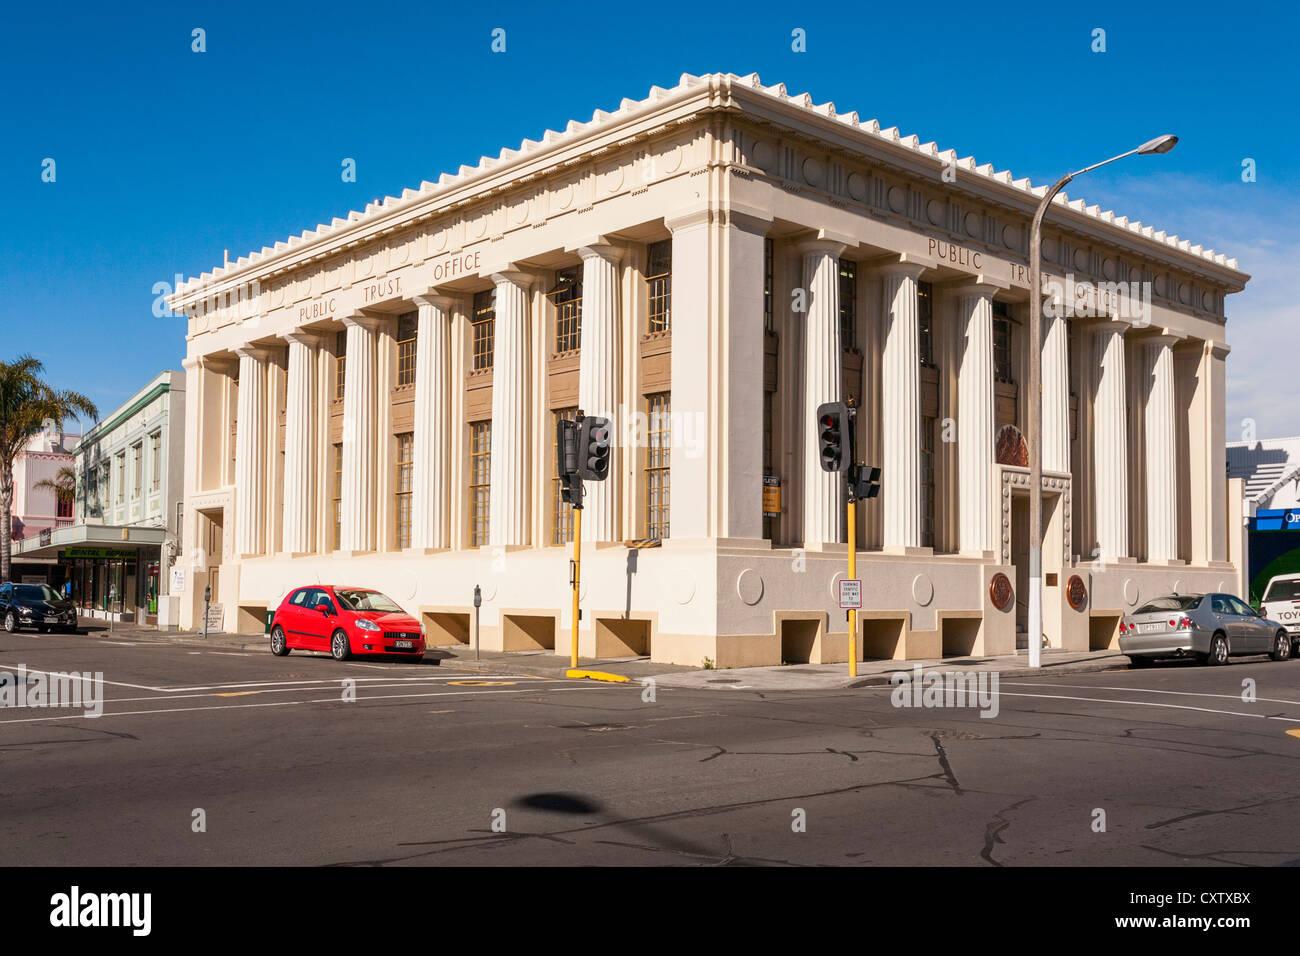 La confianza pública Oficina fue uno de los pocos edificios que quedó en pie en el centro de Napier, Nueva Imagen De Stock